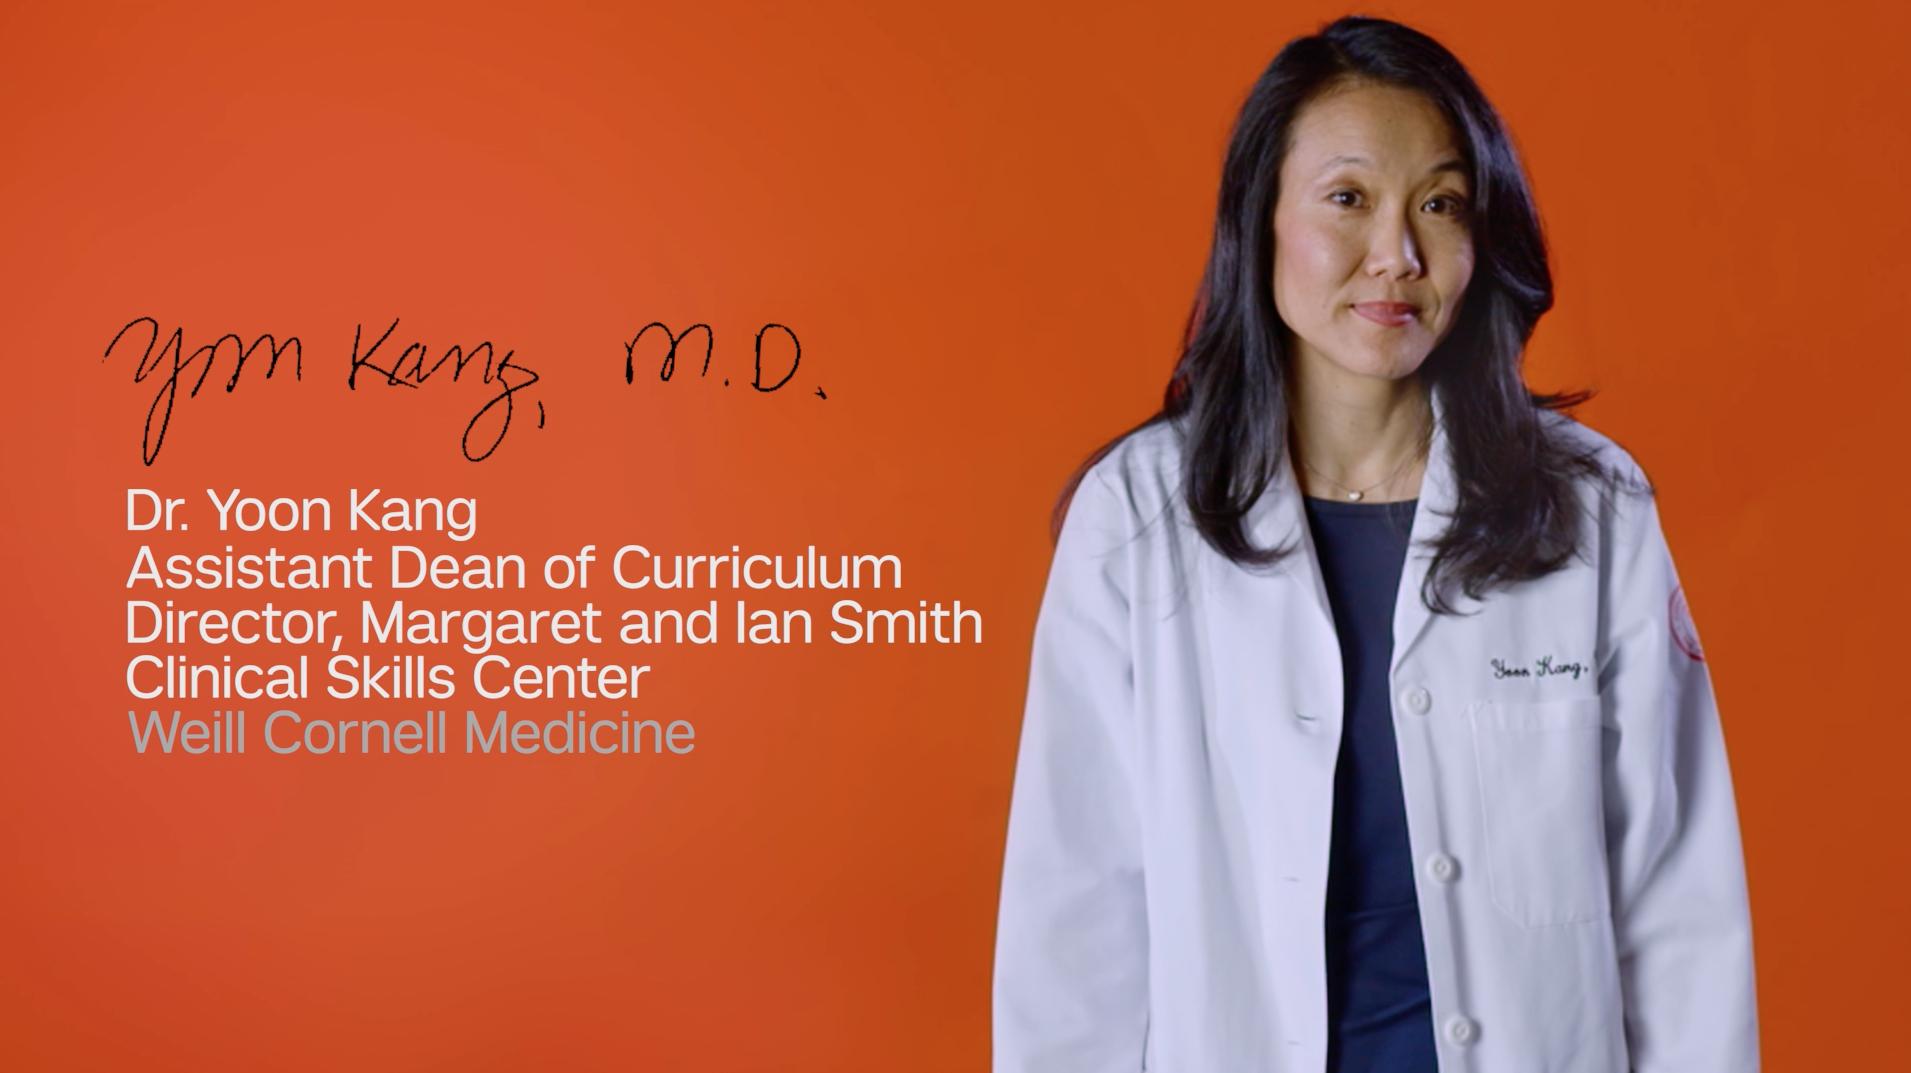 Dr. Yoon Kang